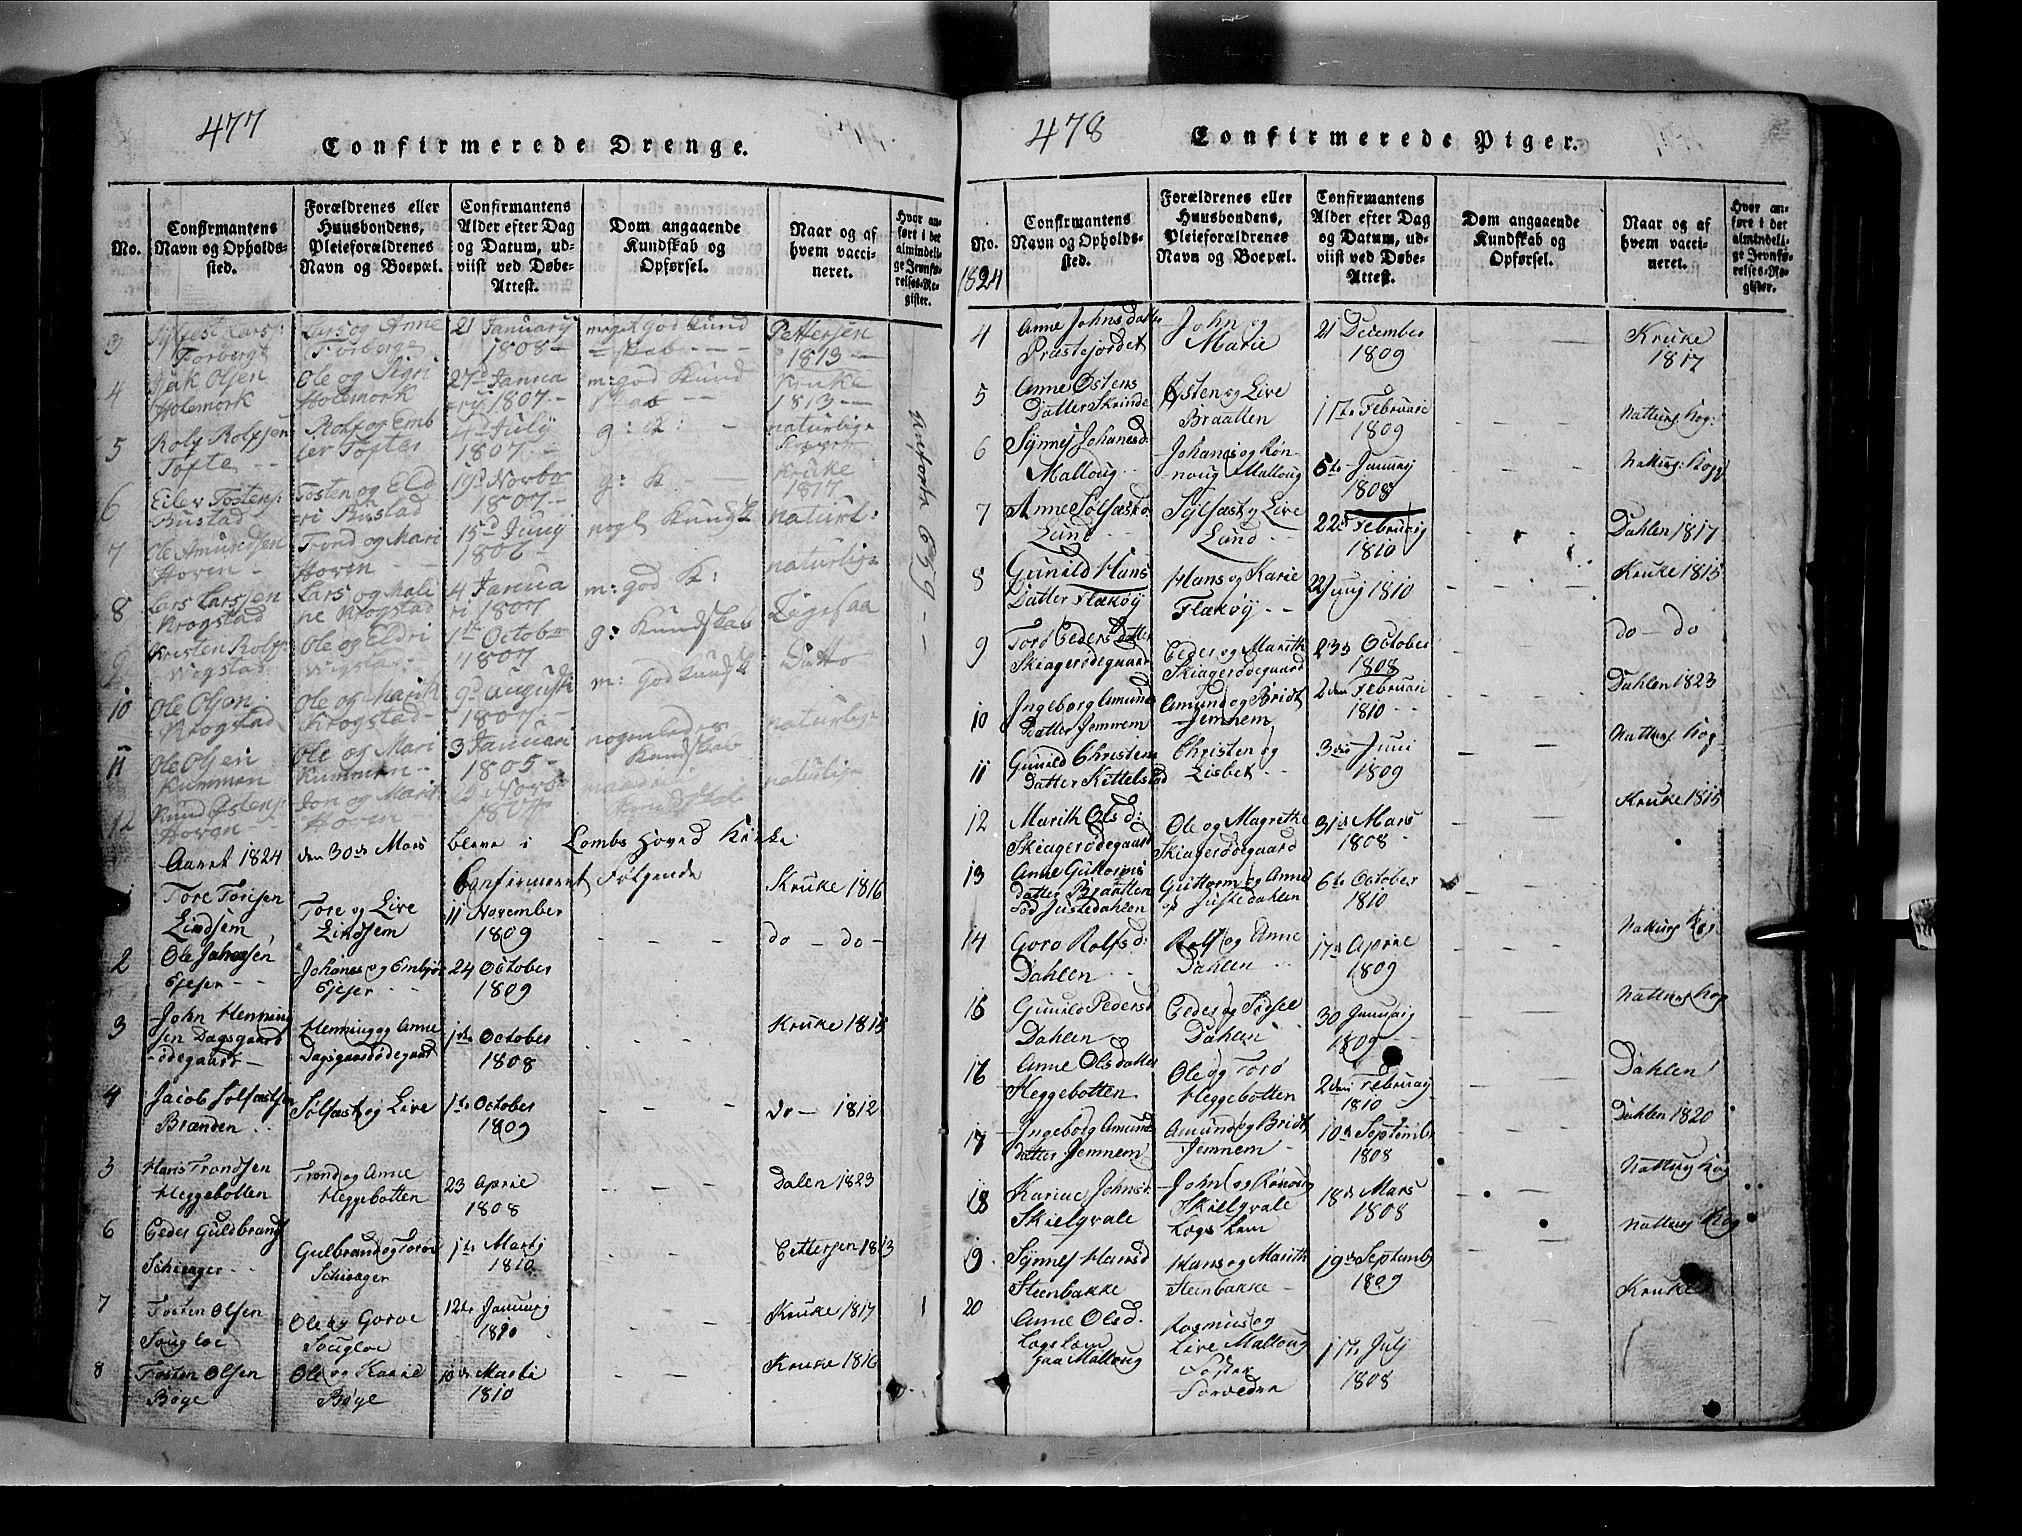 SAH, Lom prestekontor, L/L0003: Klokkerbok nr. 3, 1815-1844, s. 477-478